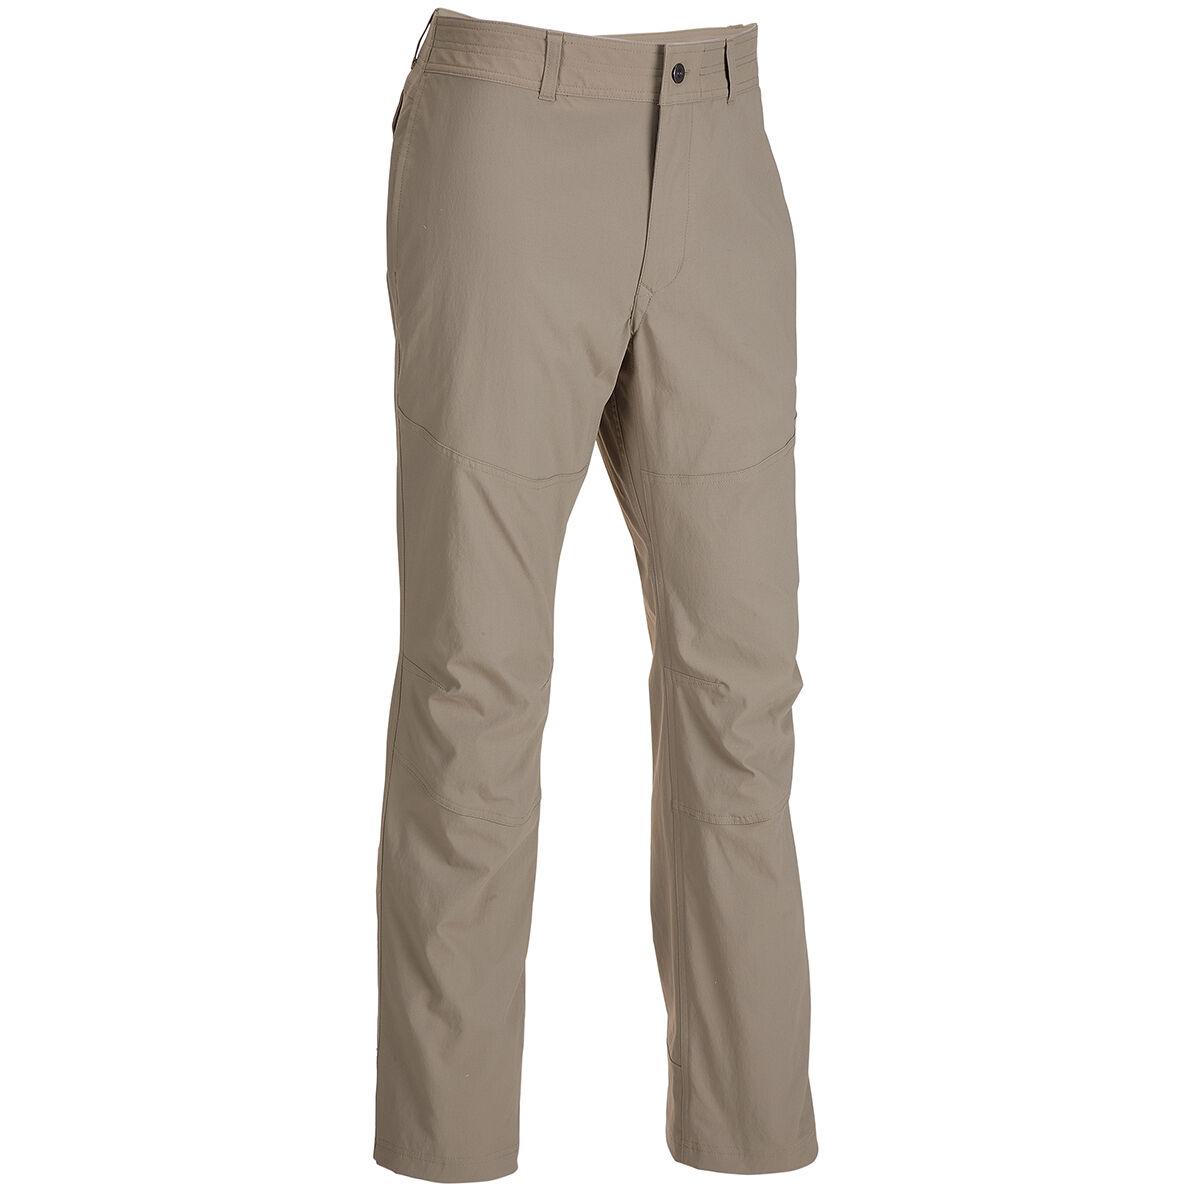 EMS Men's Endeavor Utility Pants - Size 40/32